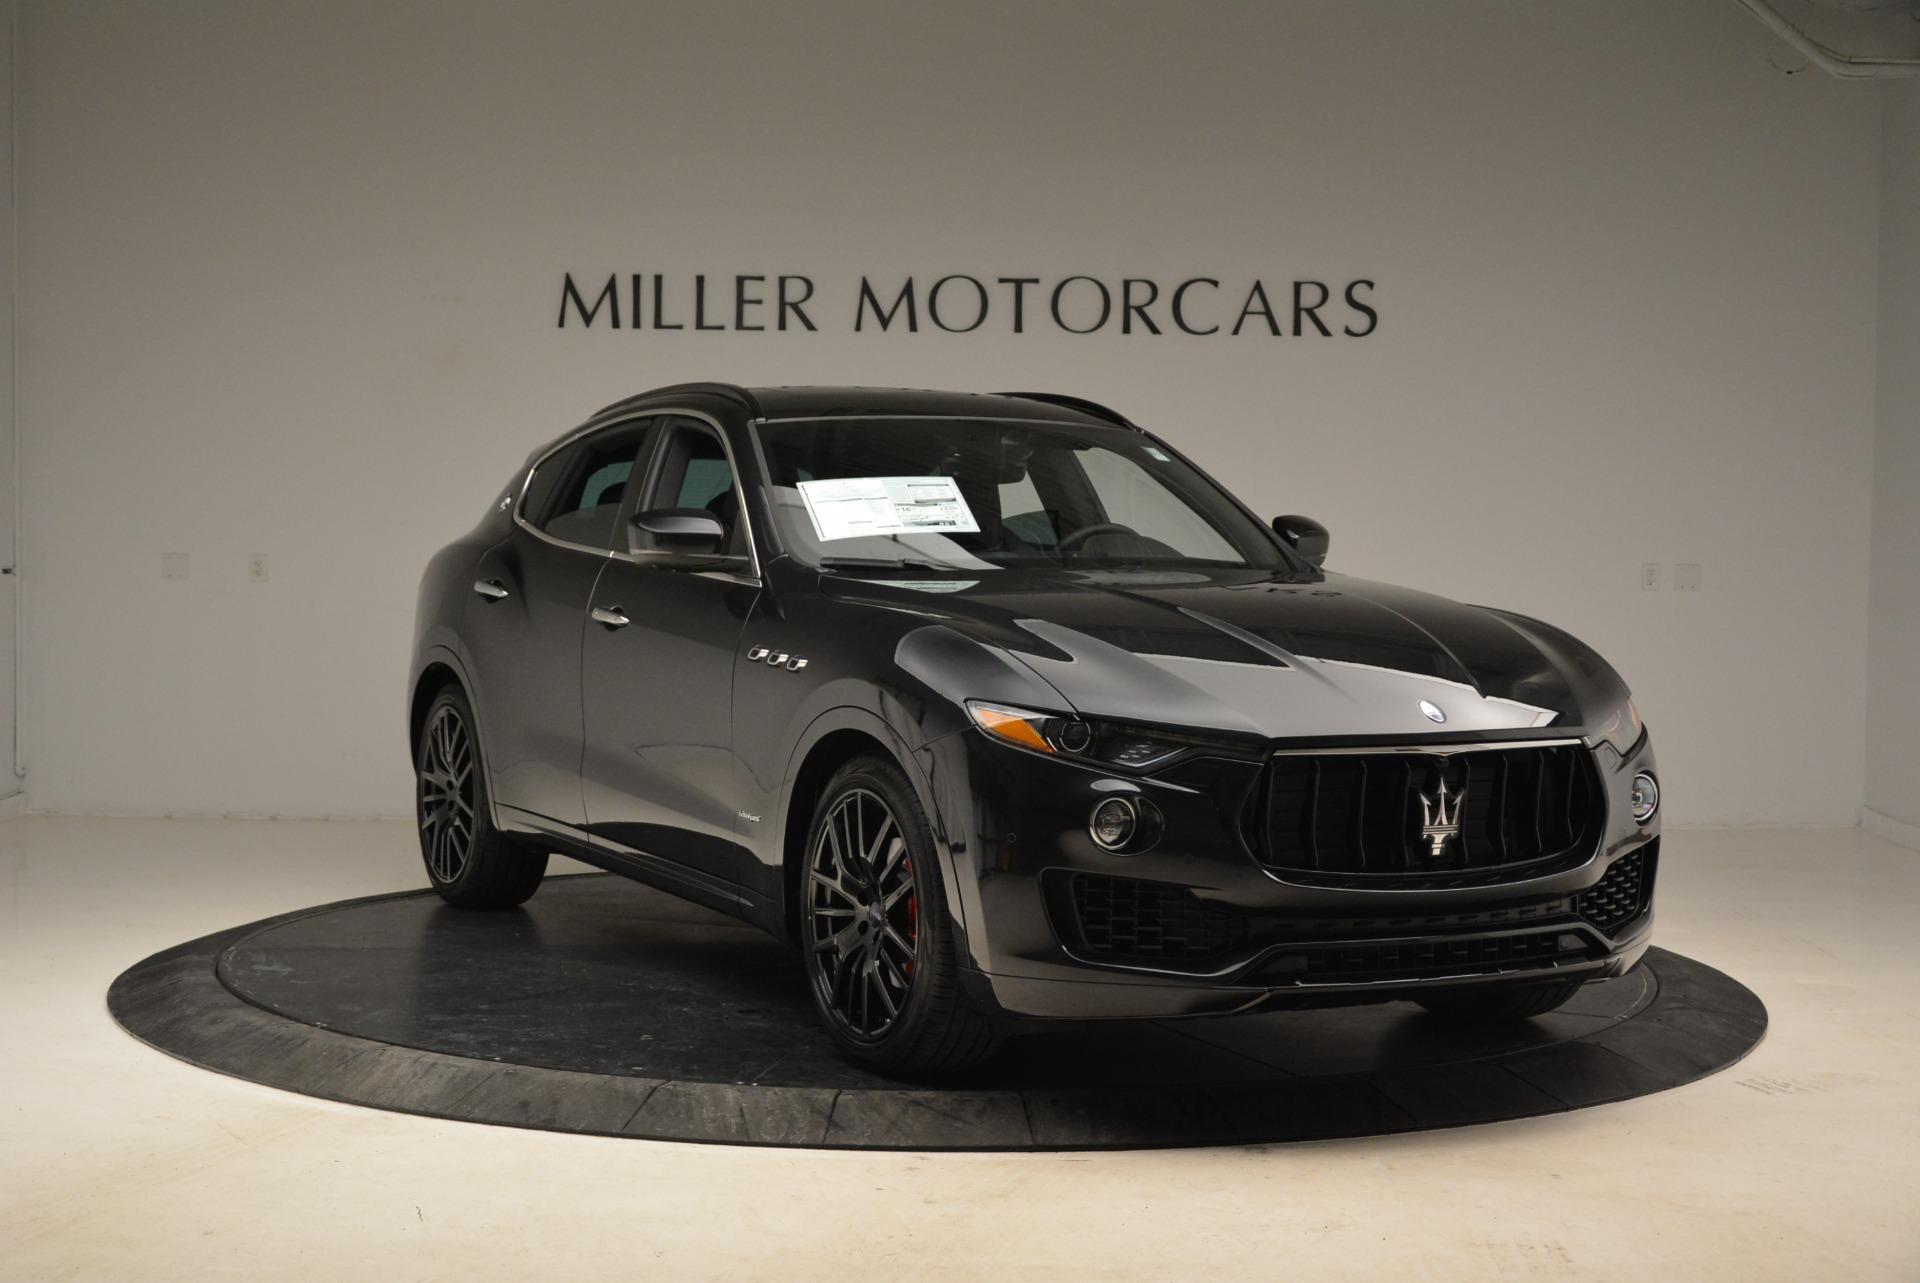 New 2018 Maserati Levante S Q4 GranSport For Sale In Greenwich, CT 2183_p11